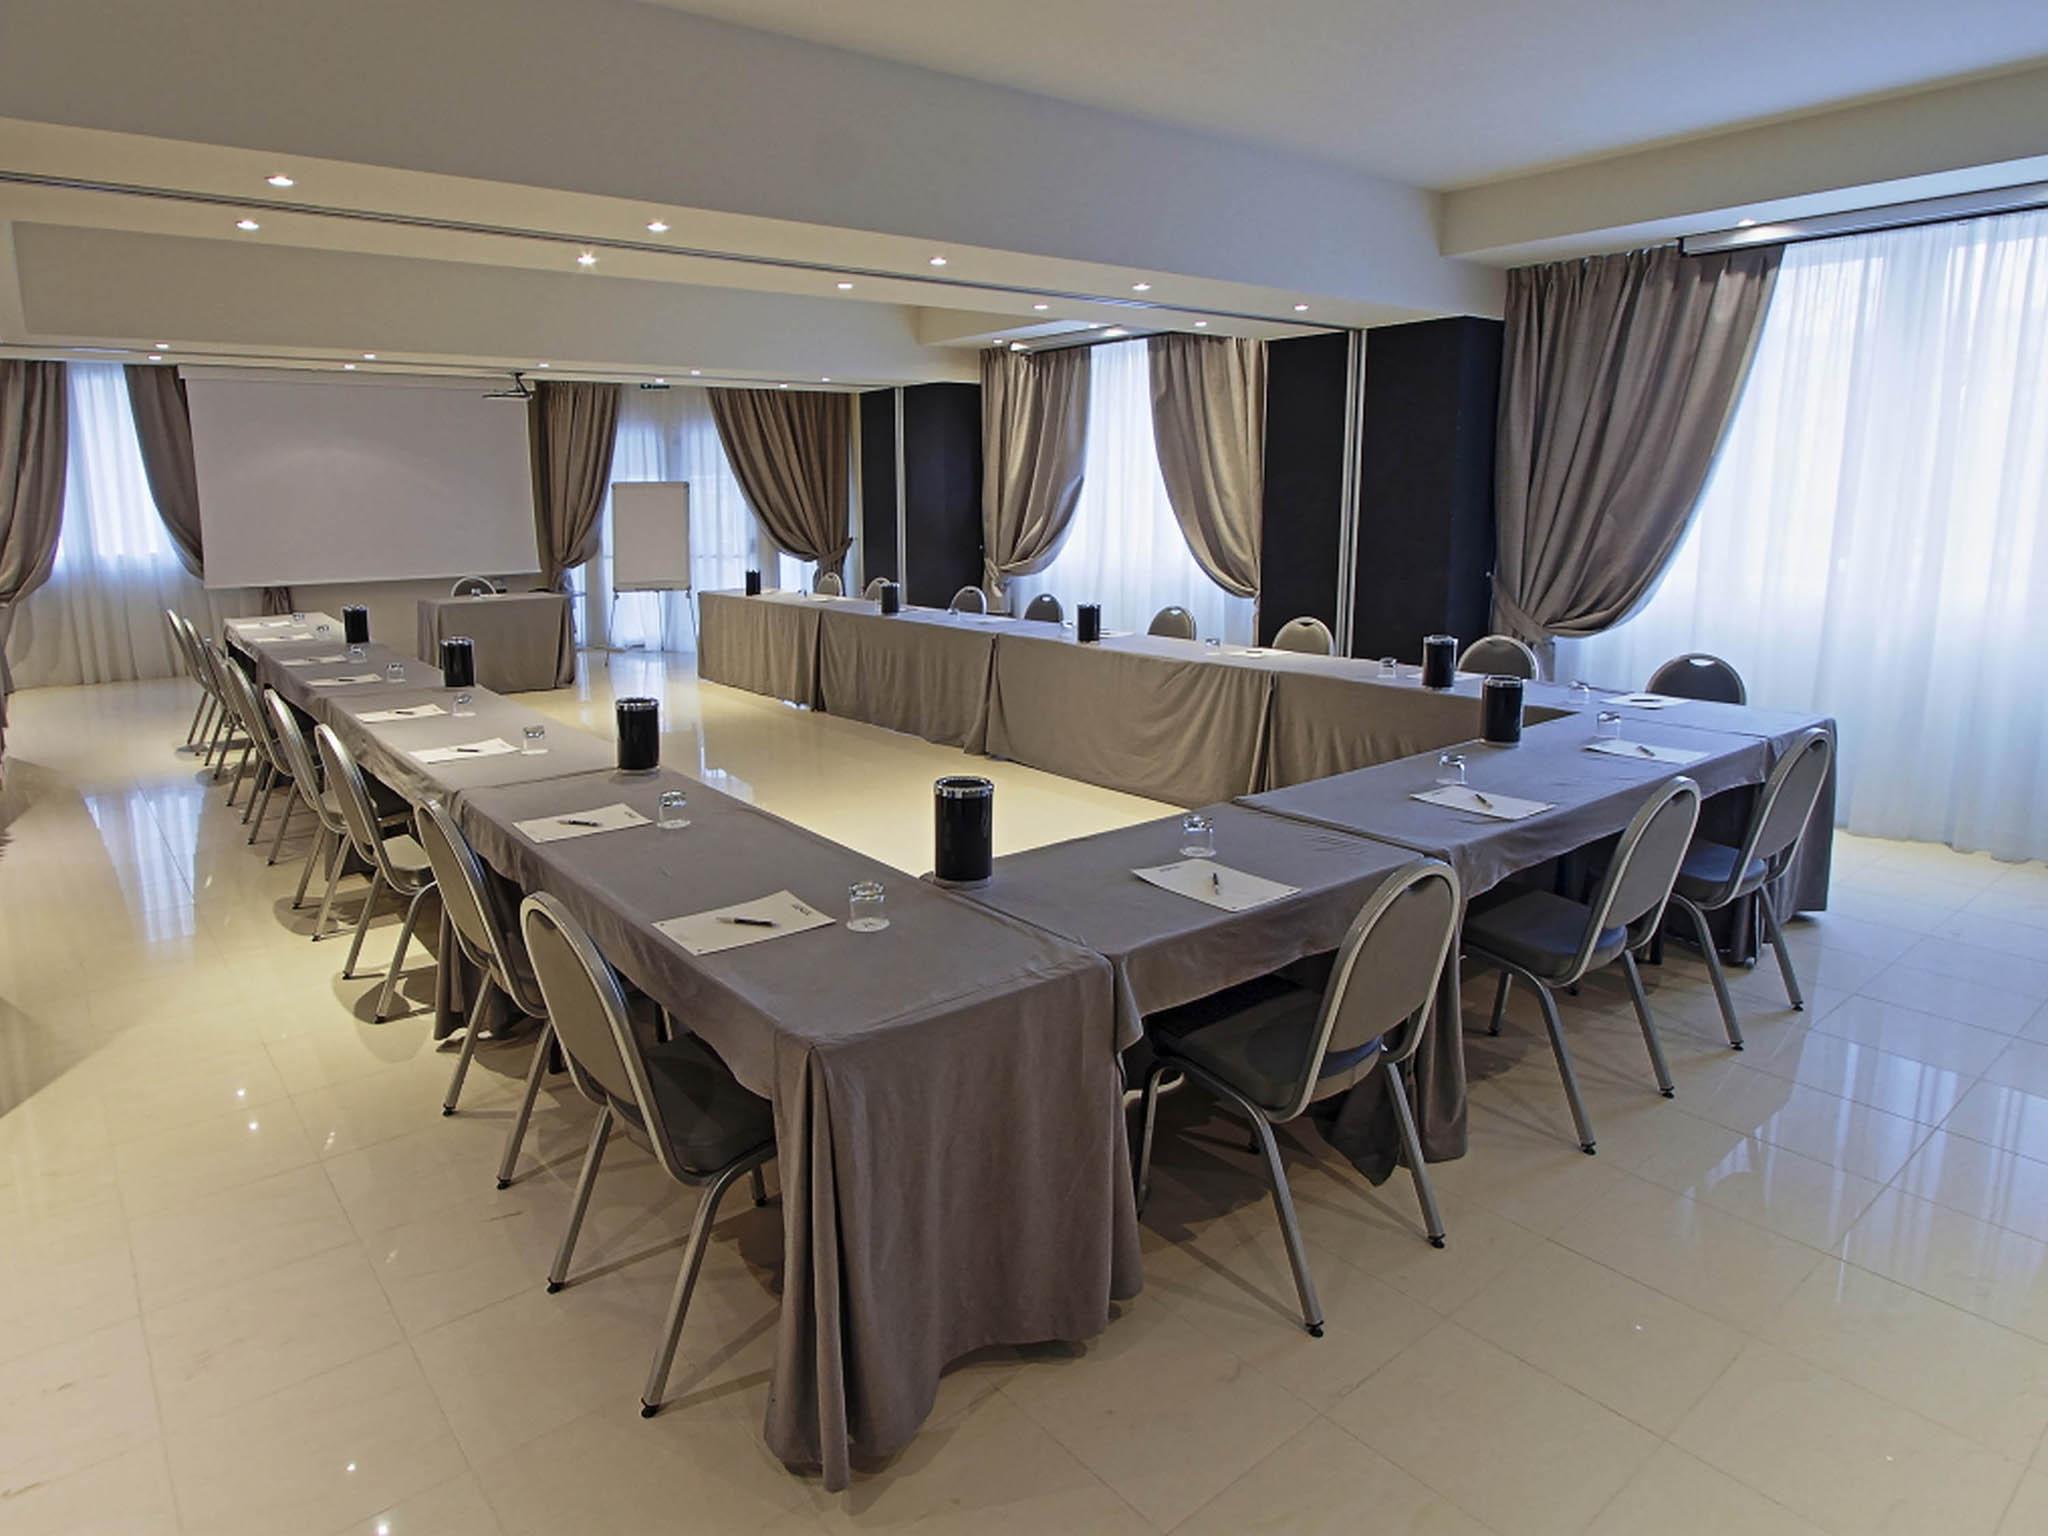 Hotel in casalecchio di reno boutique hotel calzavecchio for Hotel casalecchio